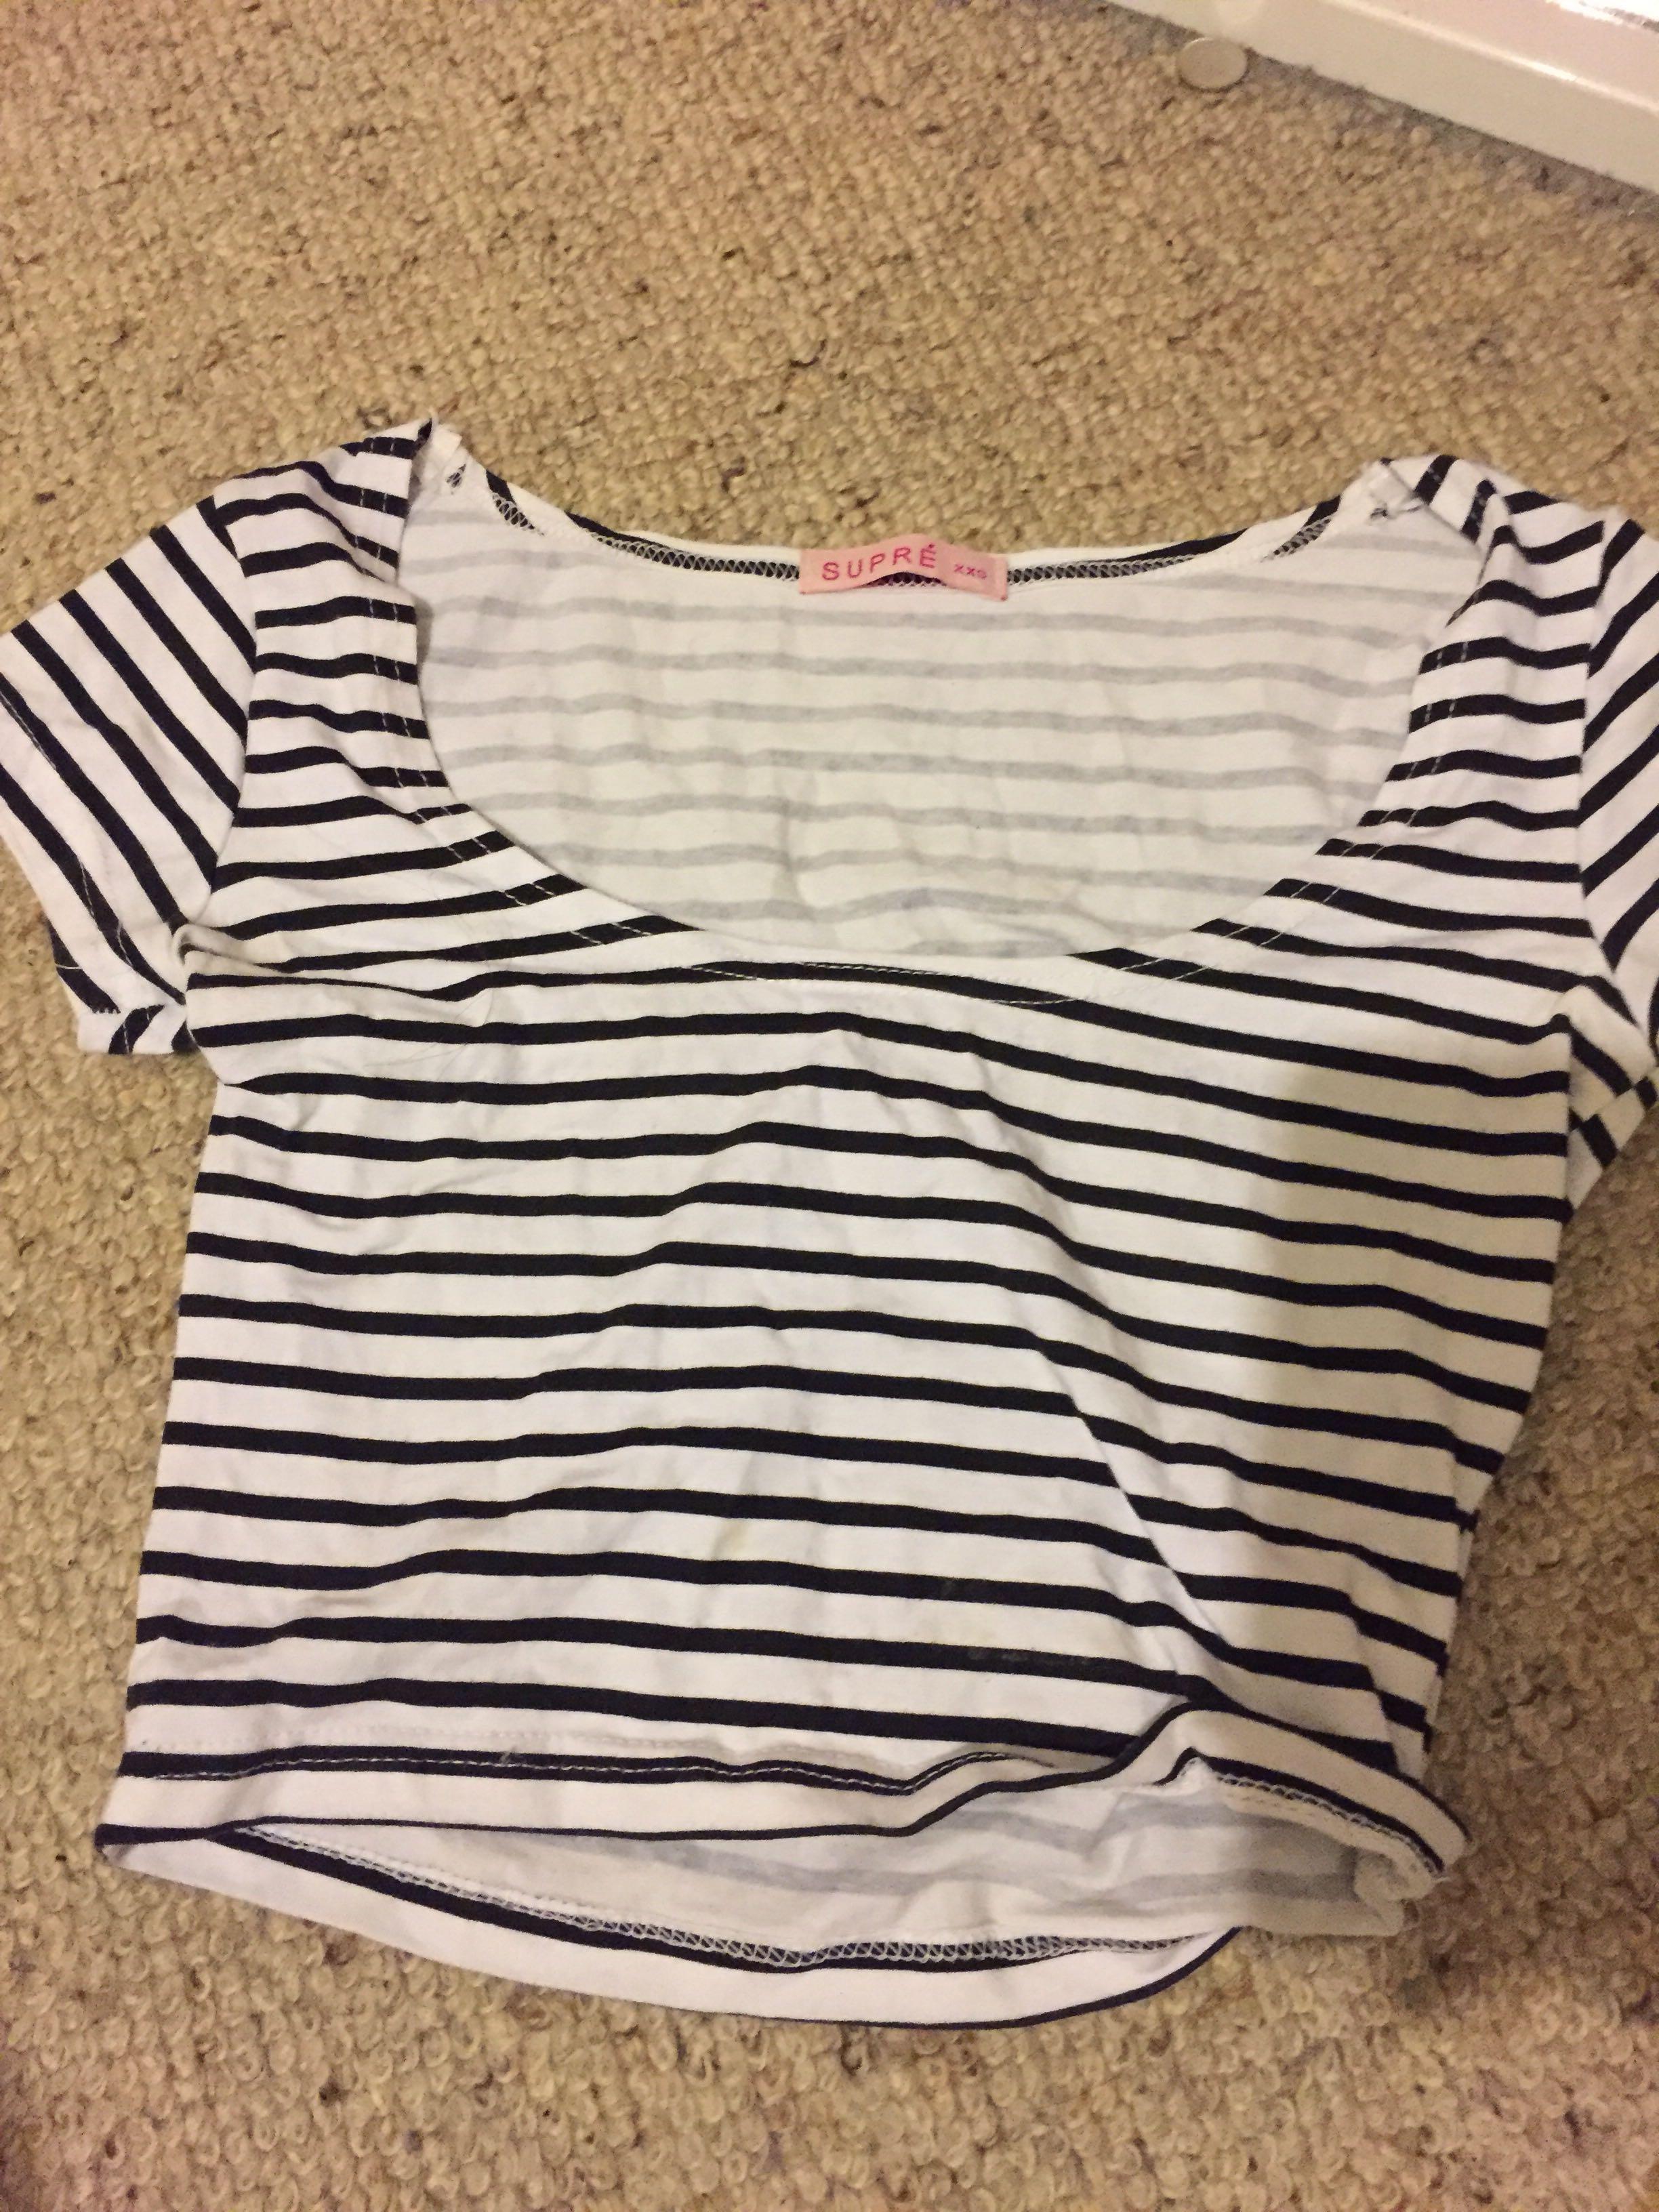 Striped cropped tshirt